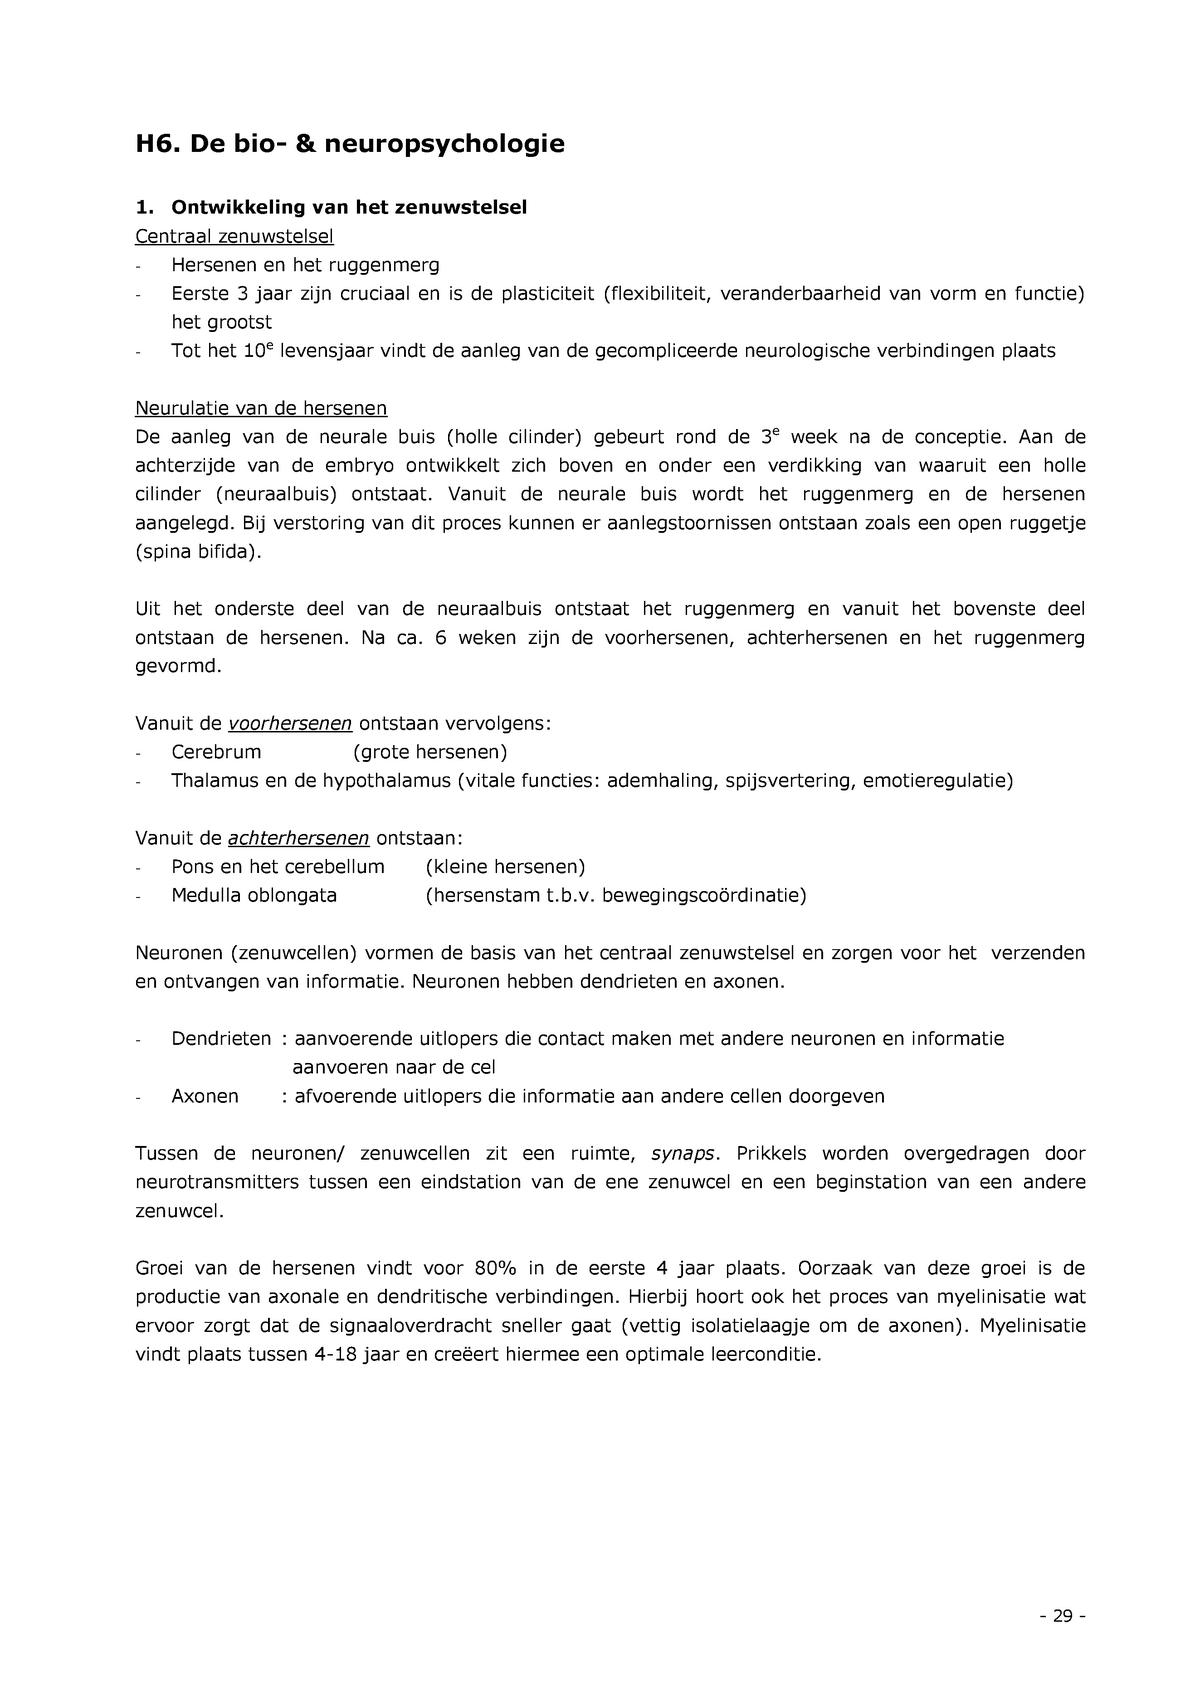 H6 De Bio Neuropsychologie Loi Studeersnel